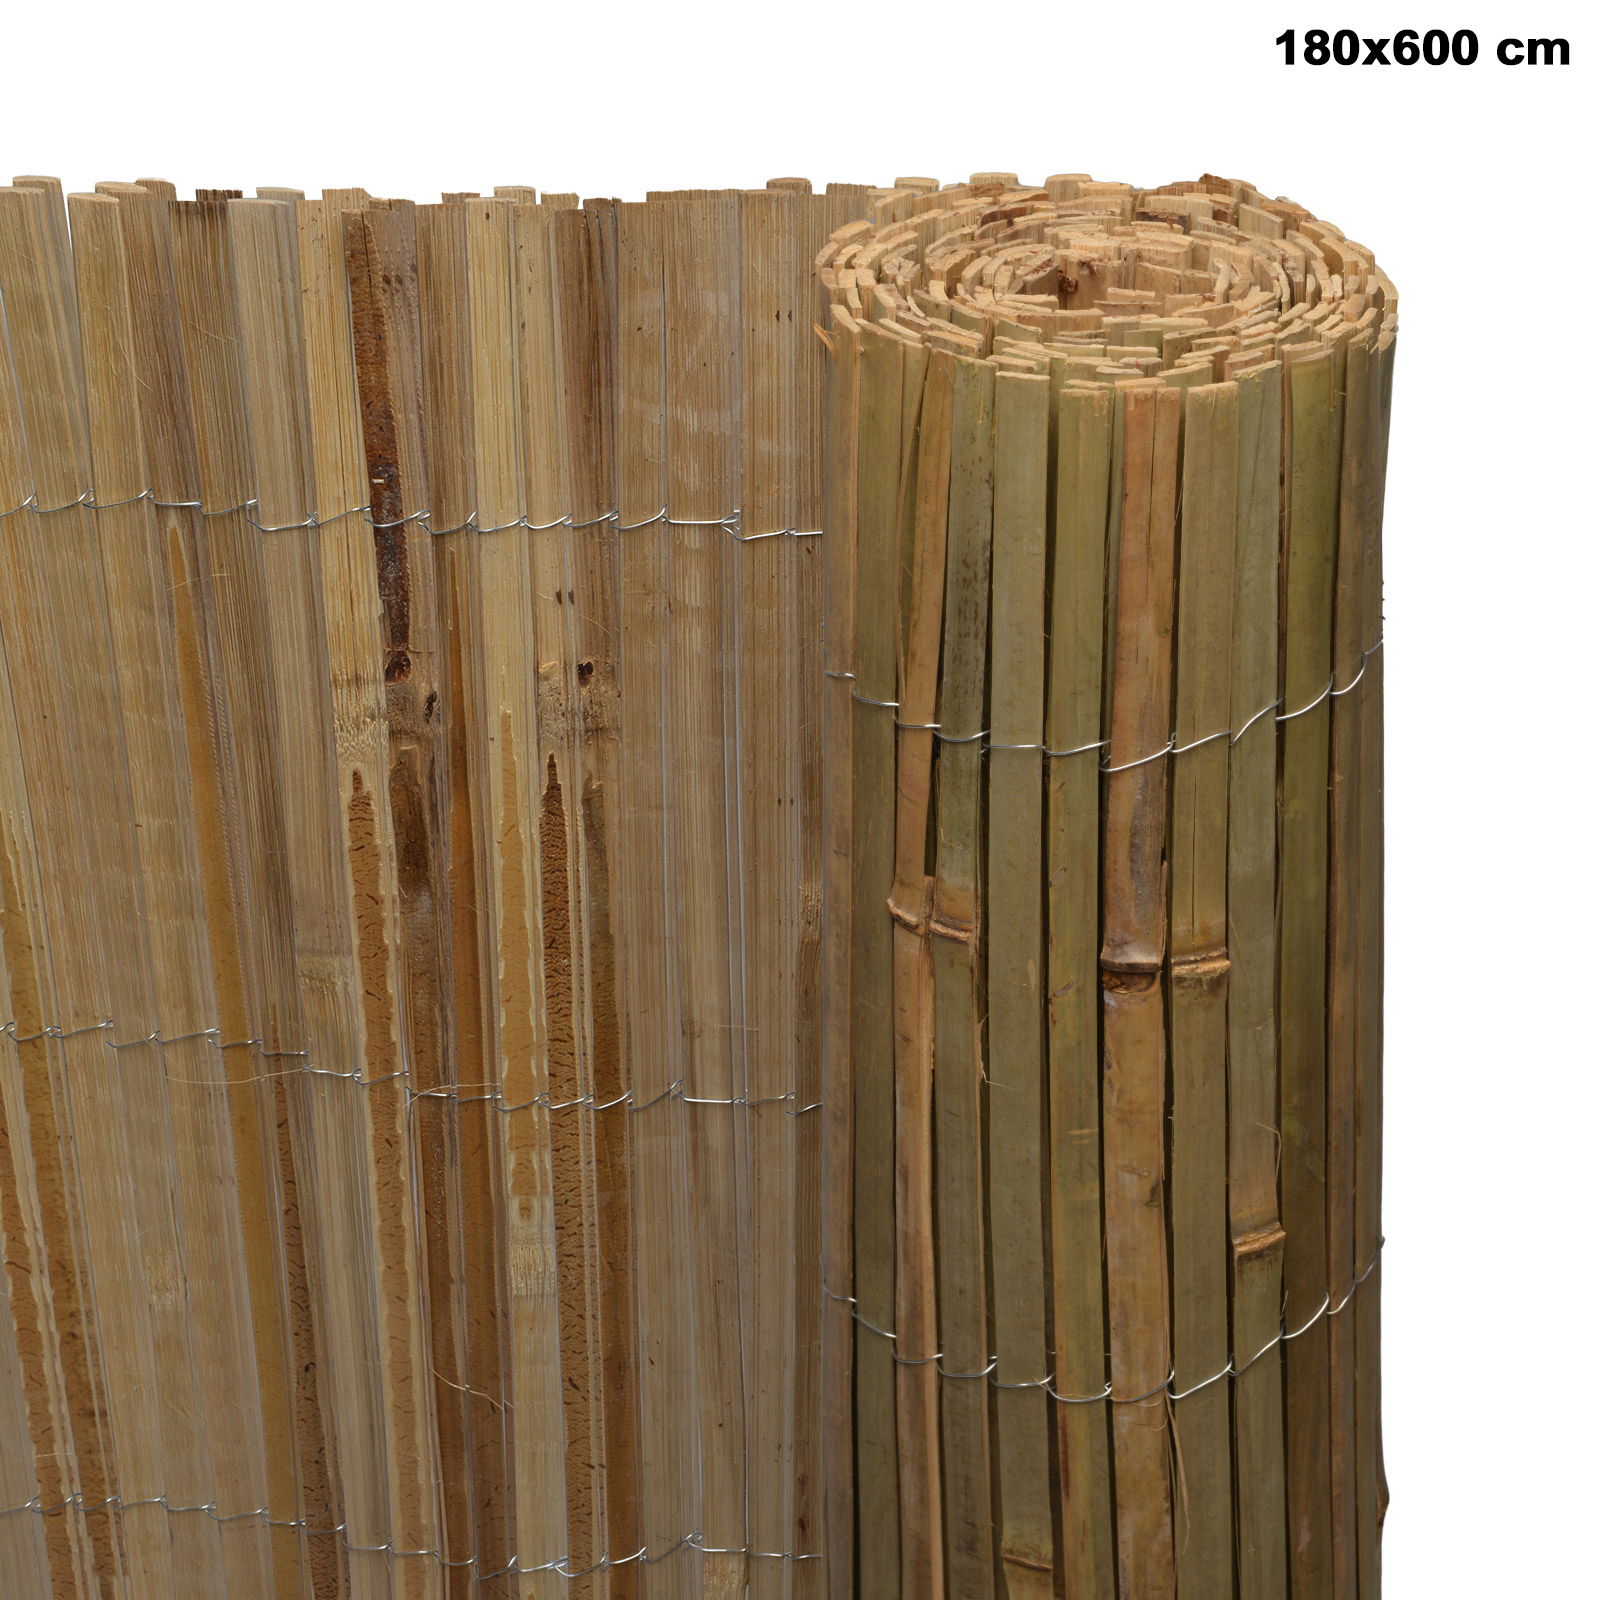 sichtschutz bambus sichtschutzzaun sichtschutzmatte balkon garten windschutz ebay. Black Bedroom Furniture Sets. Home Design Ideas